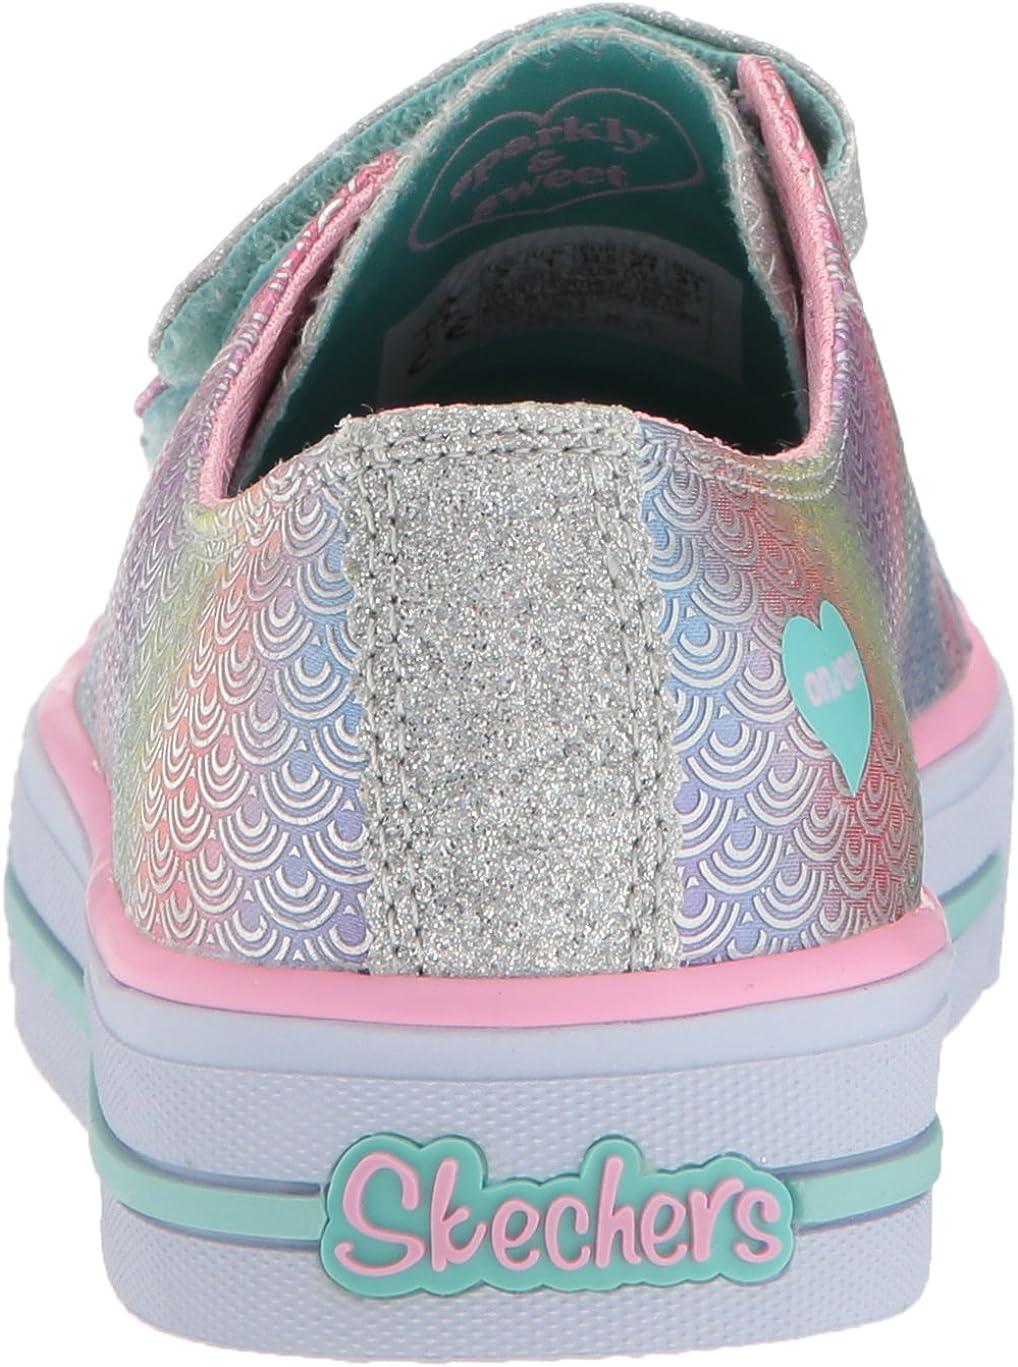 Skechers Shuffles Ms. Mermaid, Baskets Fille